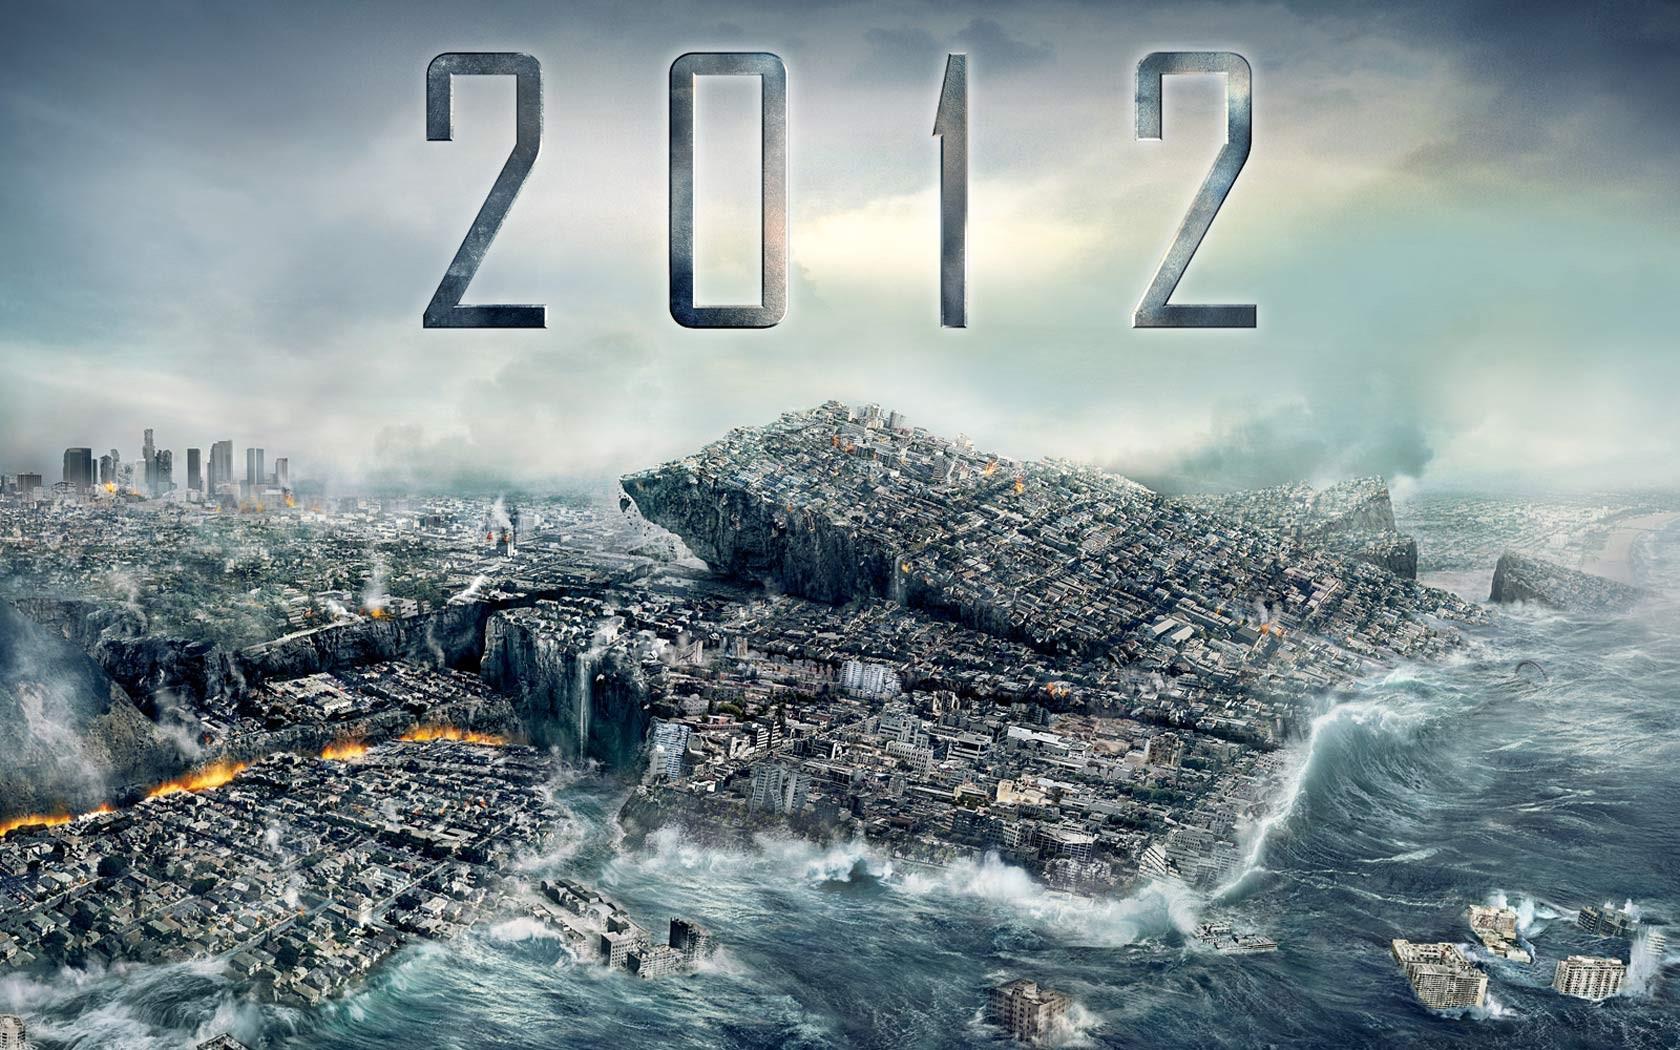 5 Film Bertema Bencana Alam yang Mengerikan 5